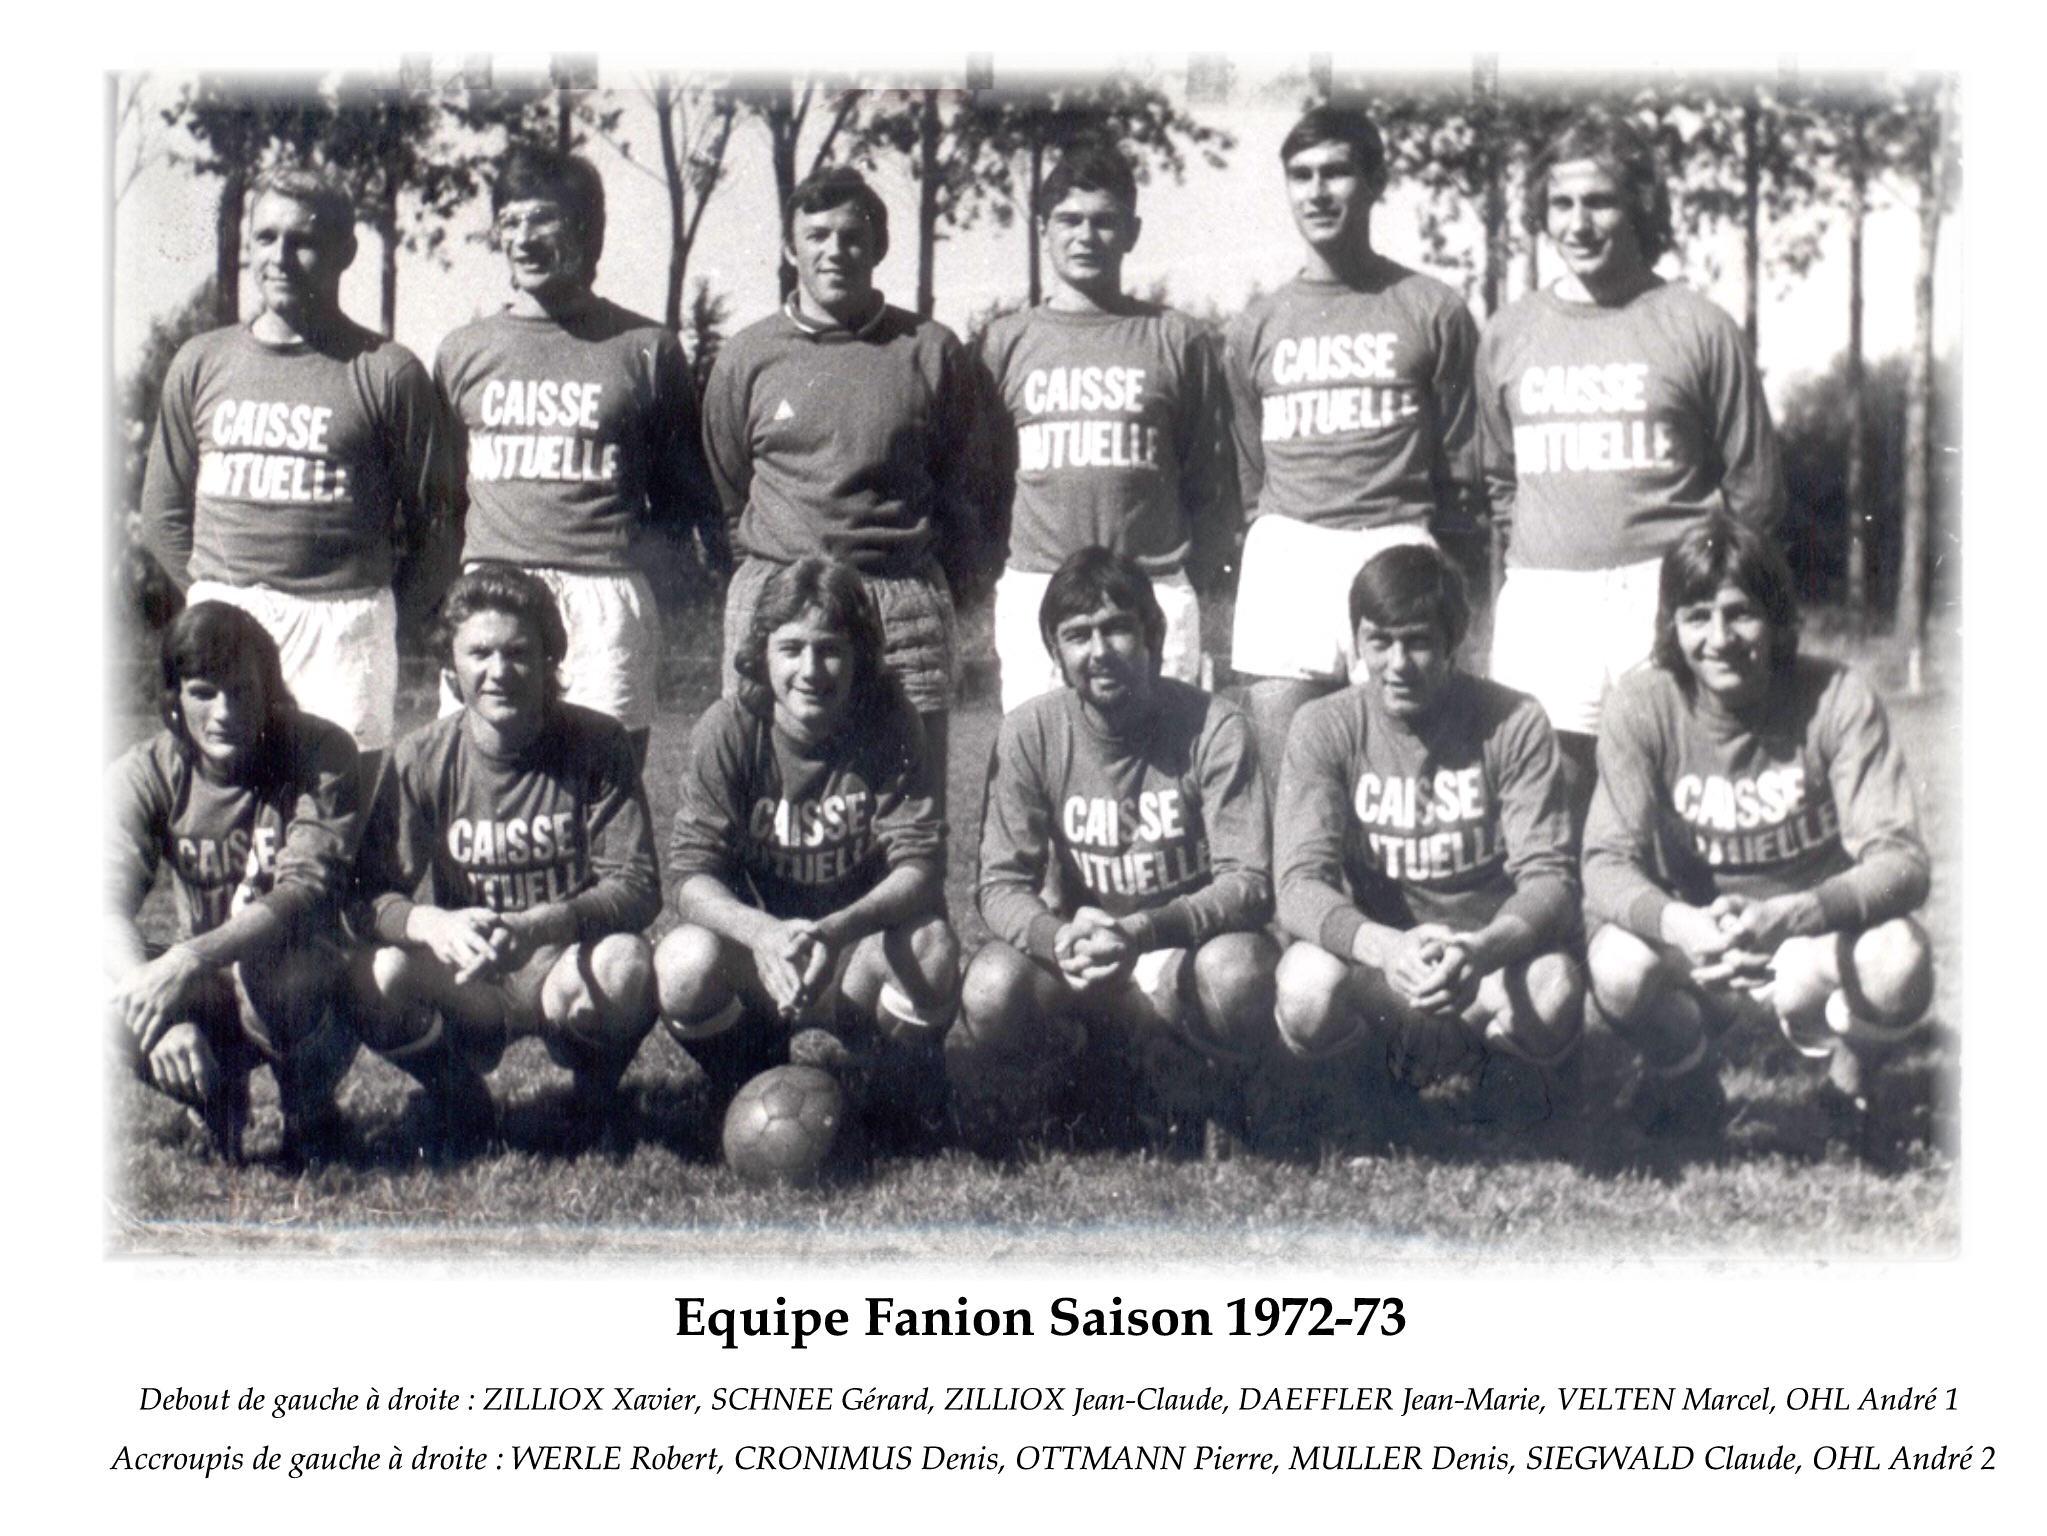 Annees 1972-73